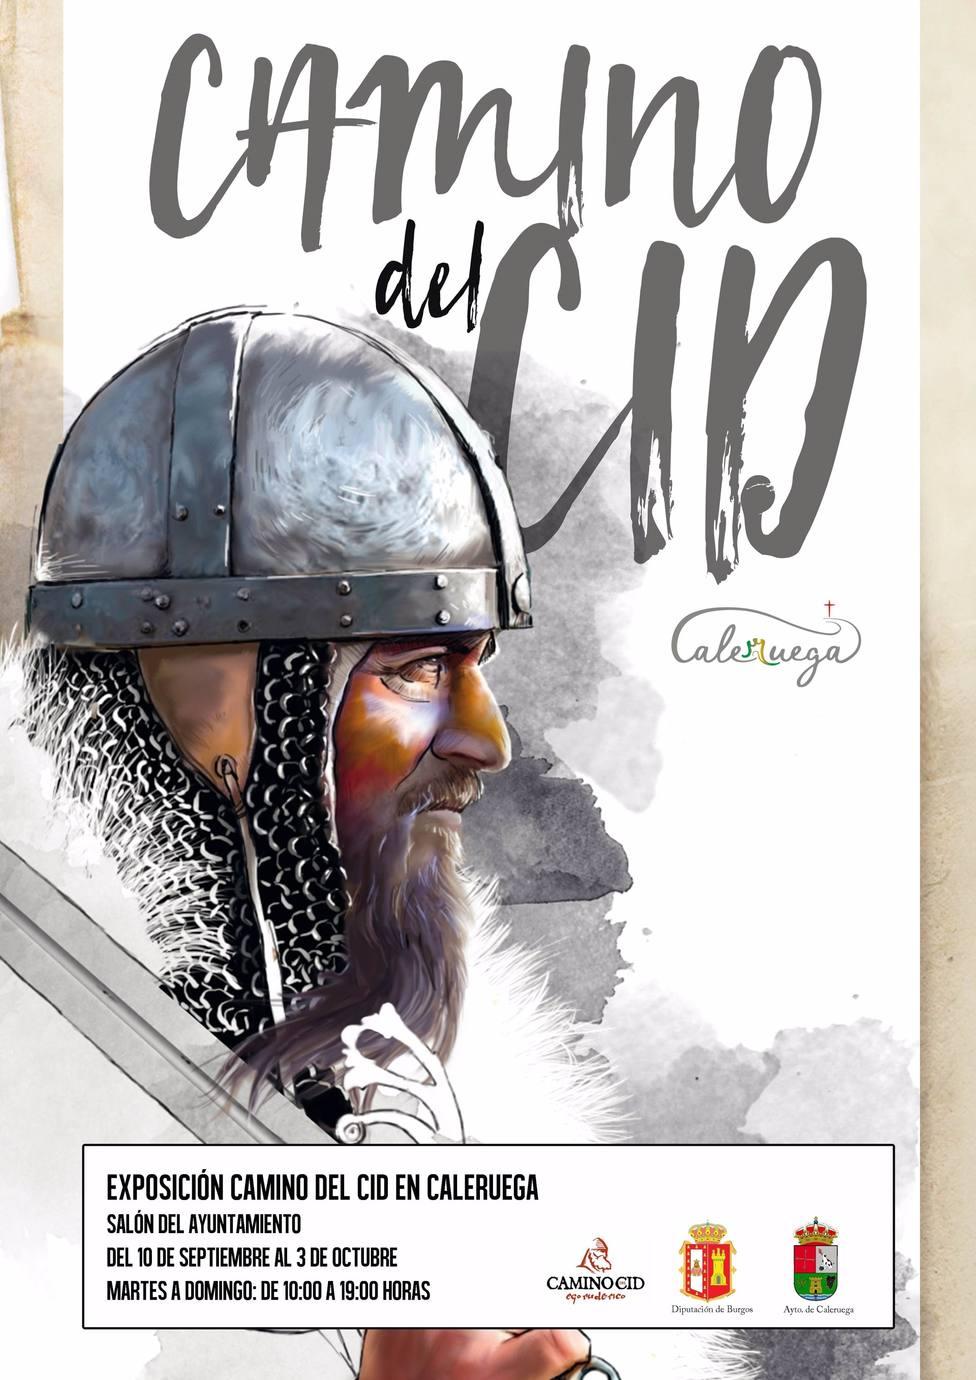 Caleruega (Burgos) acoge hasta el 3 de octubre una exposición sobre el Camino del Cid